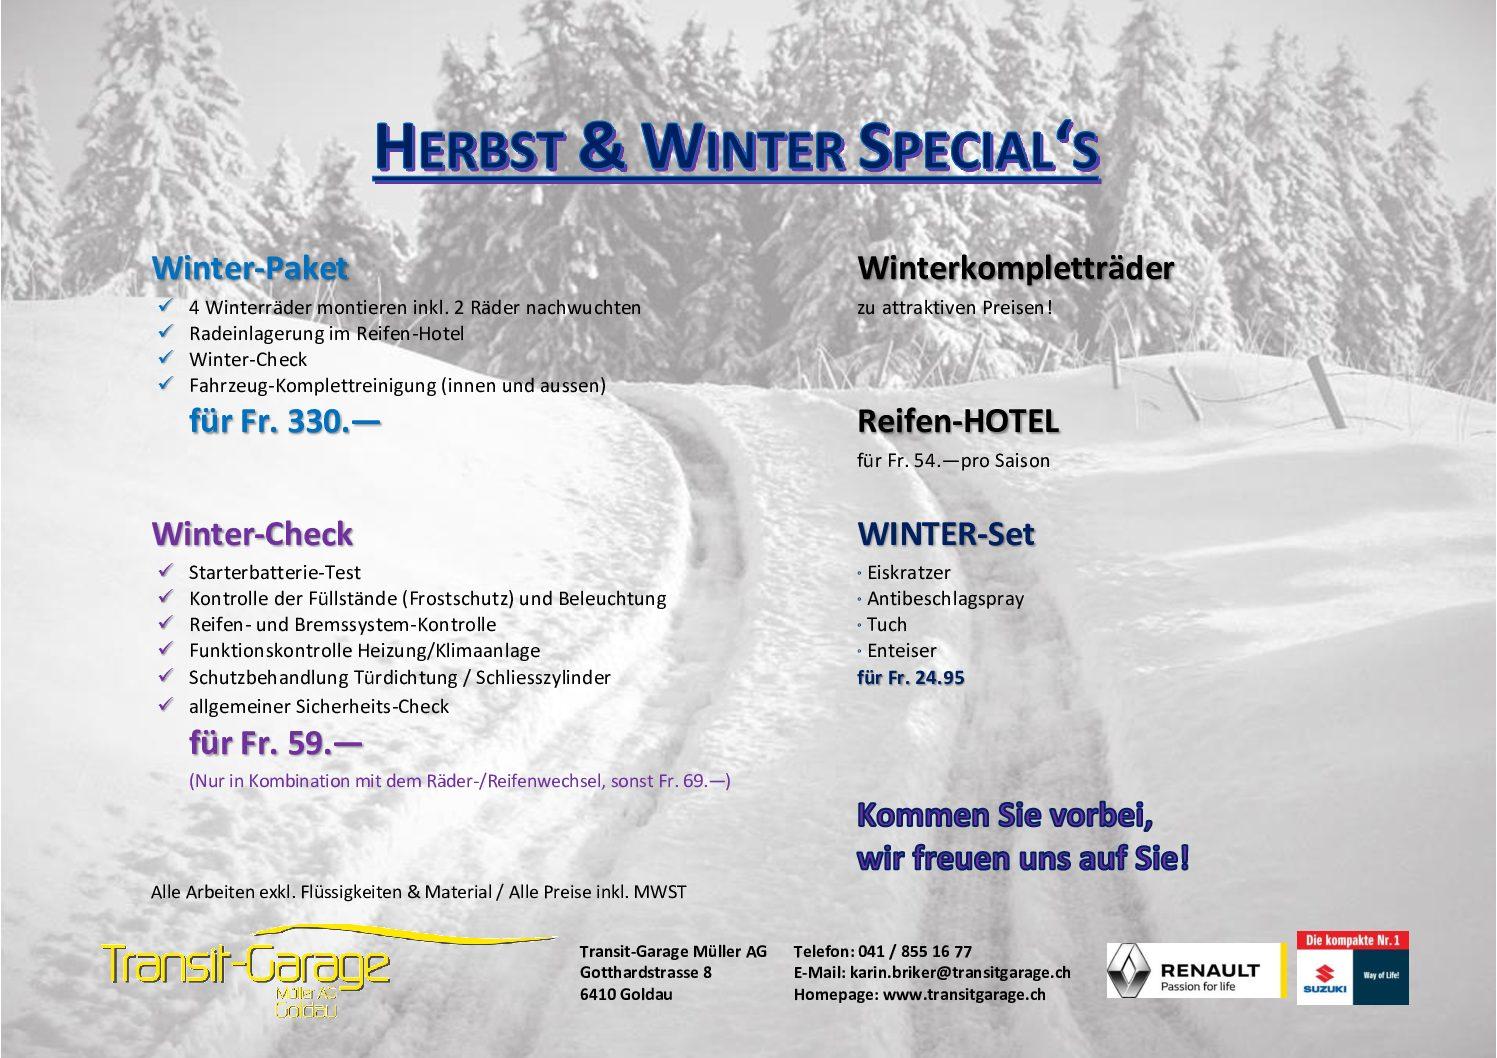 Herbst und Winter Special's